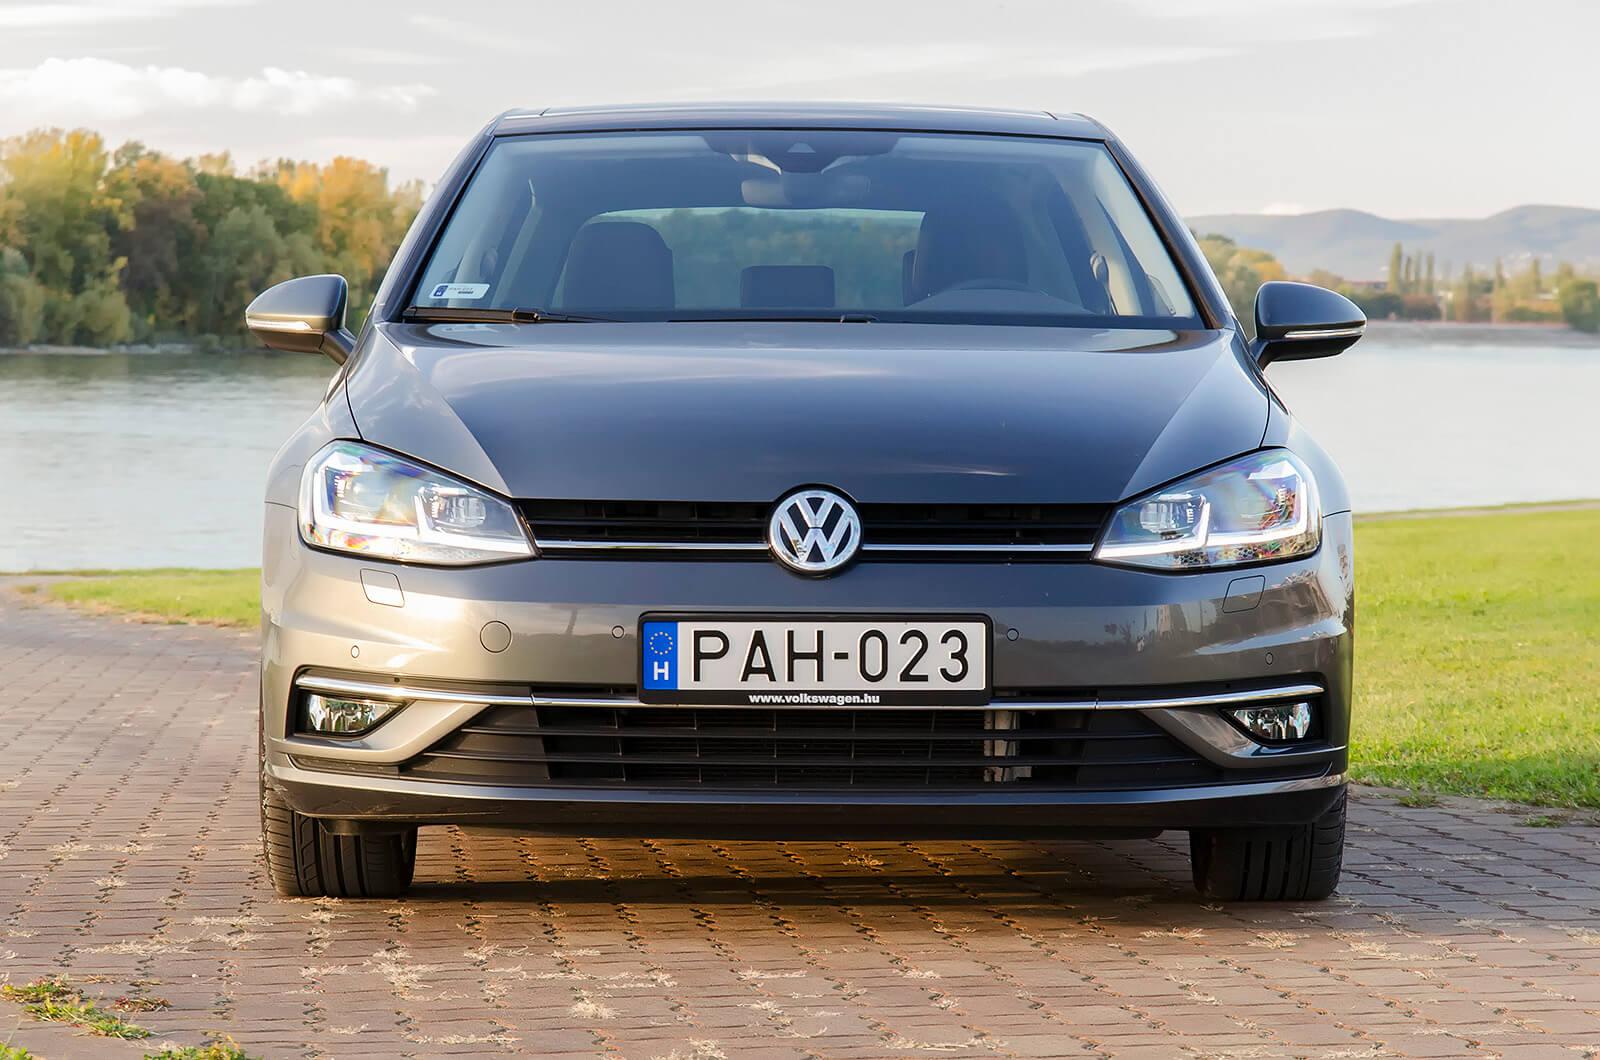 VW VII Golf - Golf teszt - férfimagazin